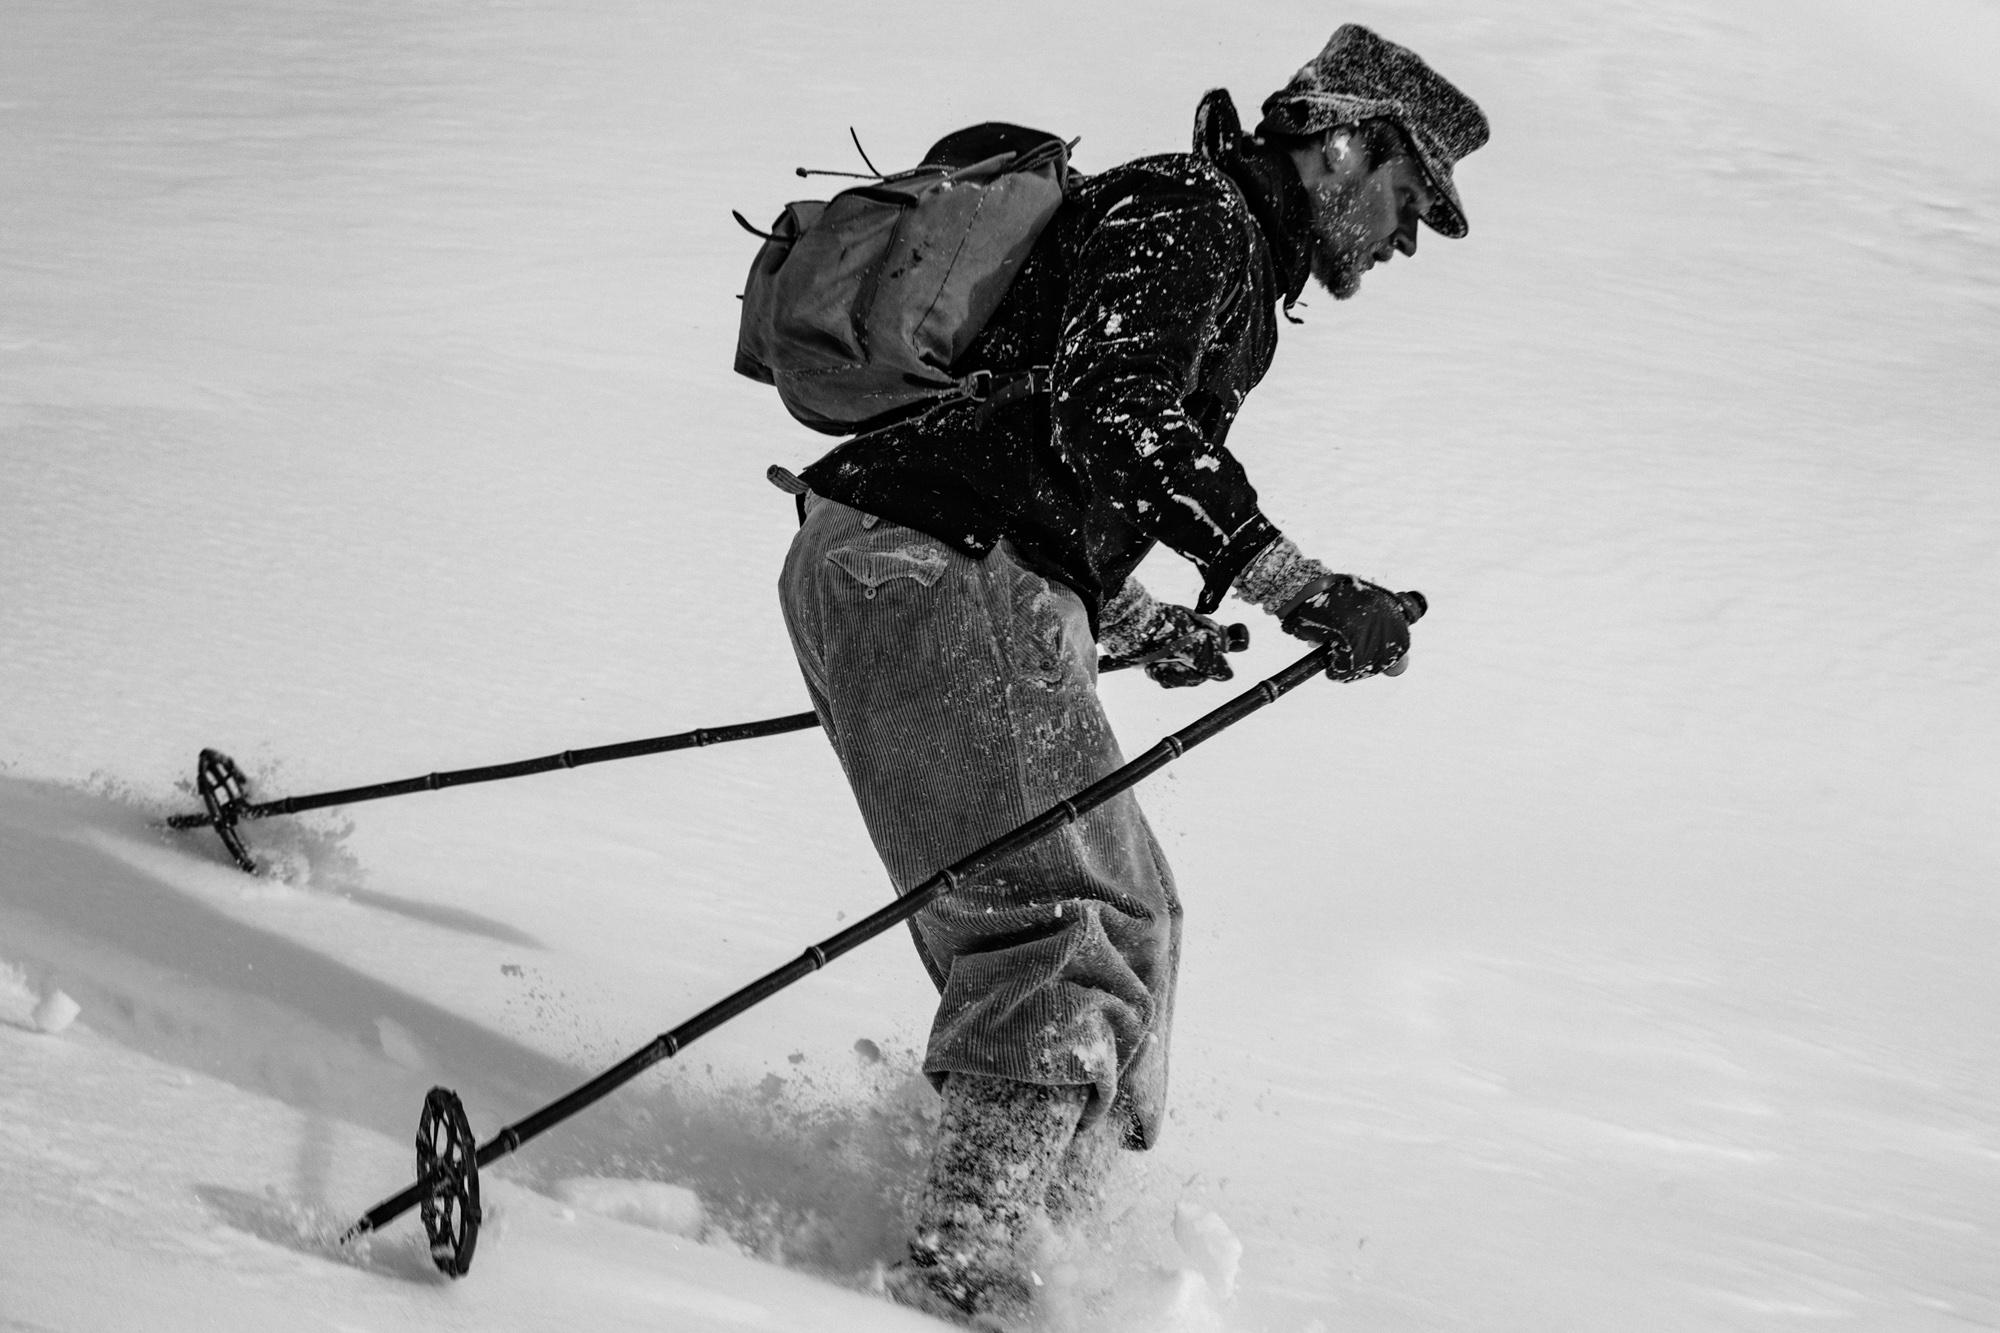 Zitat: Heini Holzer (1945–1977), Südtiroler Alpinist, Extremski- und Steilwandfahrer der Siebzigerjahre, der beim Versuch, die Nordostwand des Piz Roseg in der Berninagruppe zu befahren, ums Leben kam. © Foto: Franz Walter